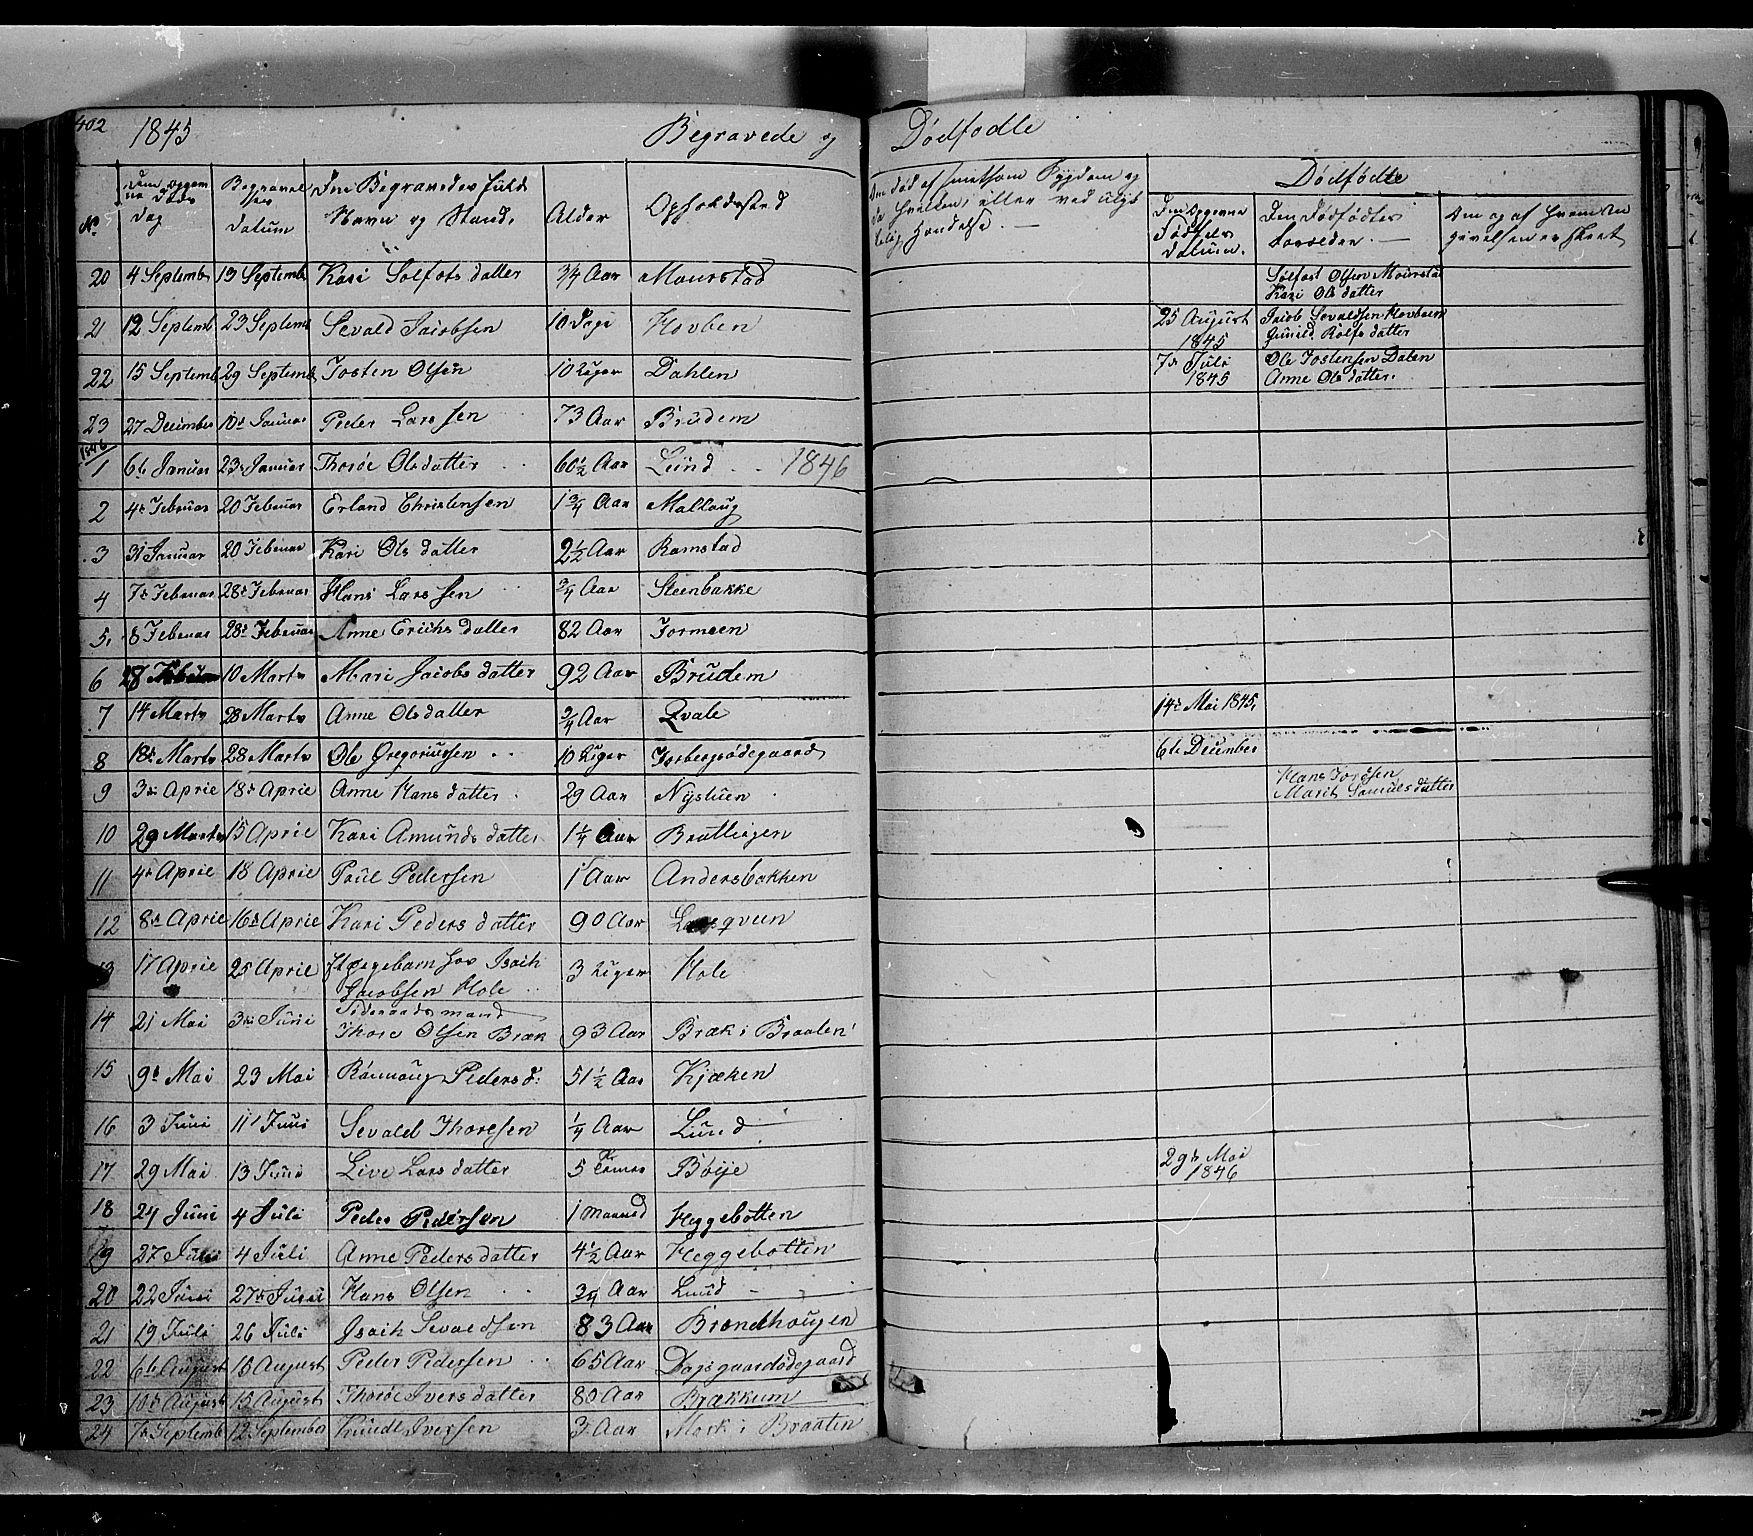 SAH, Lom prestekontor, L/L0004: Klokkerbok nr. 4, 1845-1864, s. 402-403